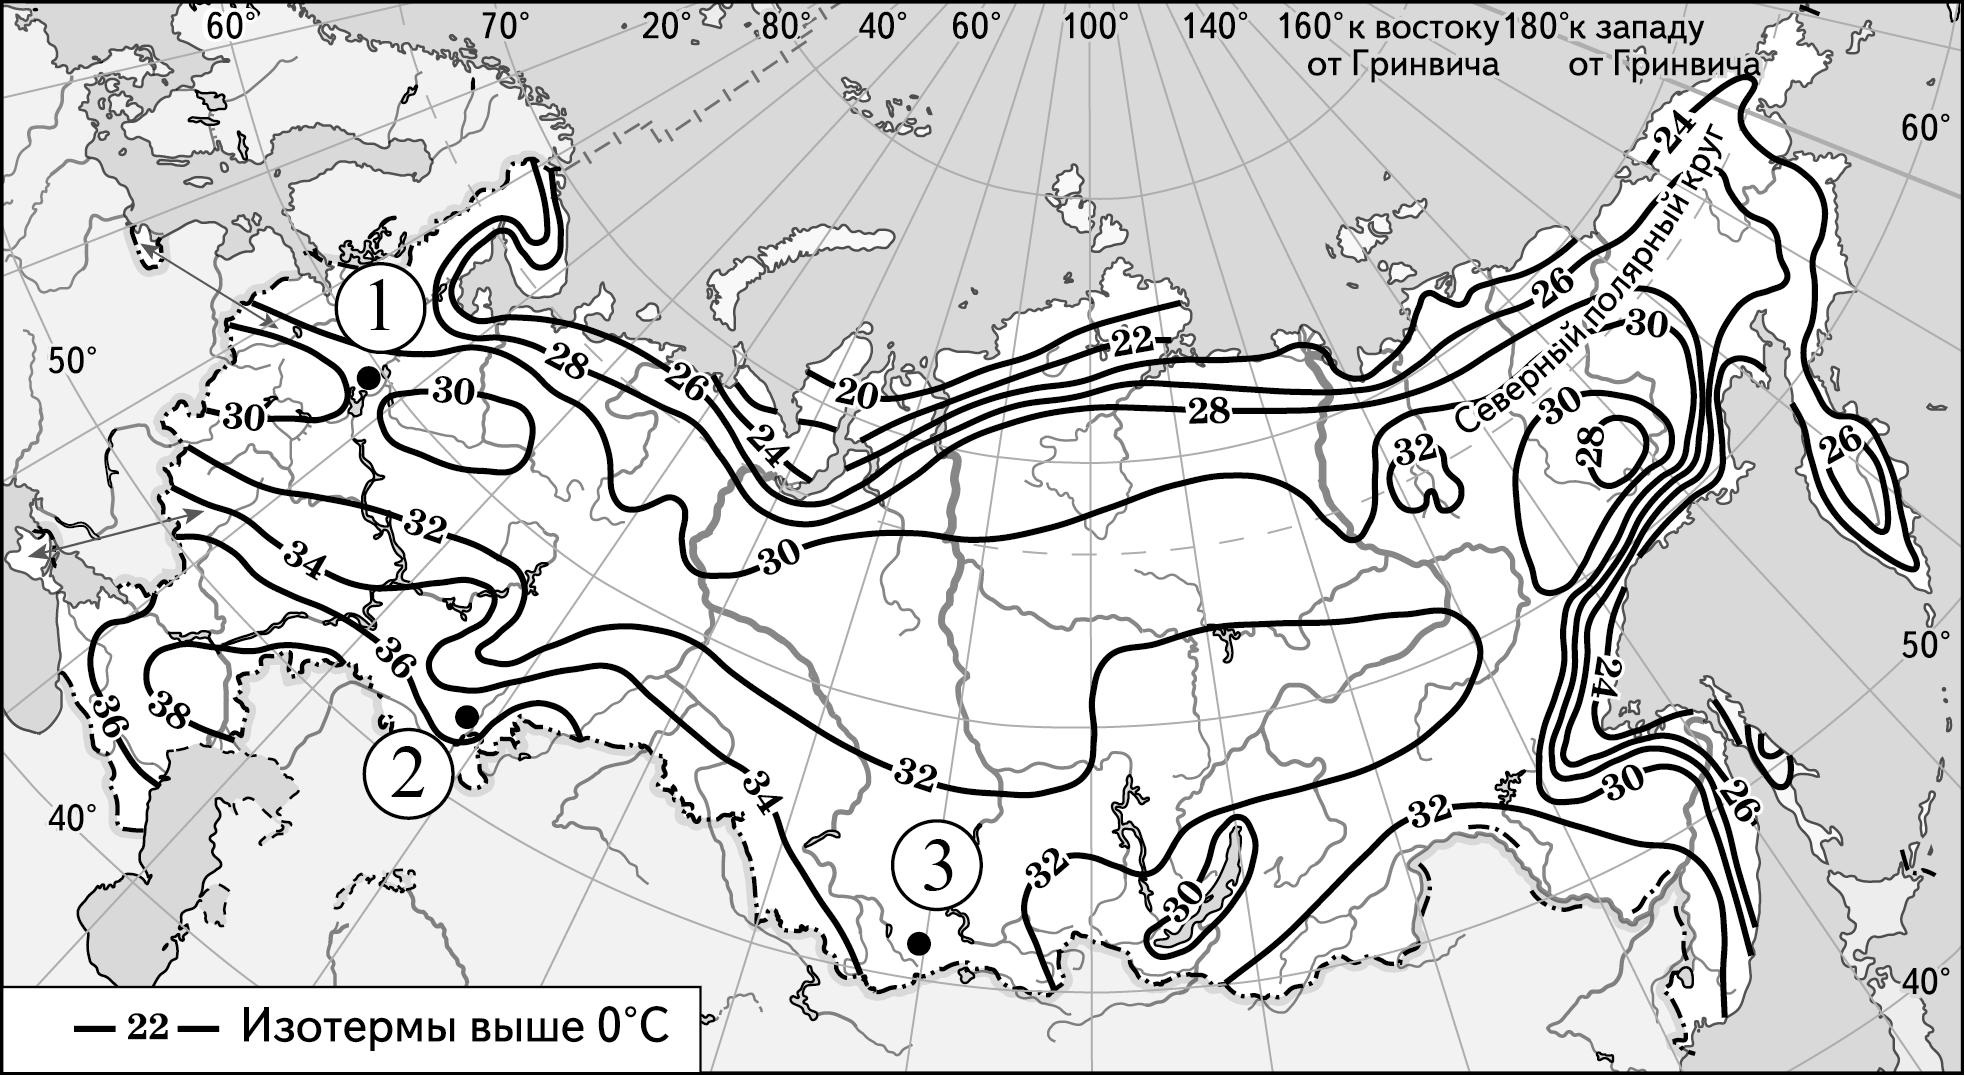 С помощью карты сравните значения средних многолетних максимумов температуры воздуха в точках, обозначенных на карте цифрами ..., ... и .... Расположите точки в порядке повышения этих значений.